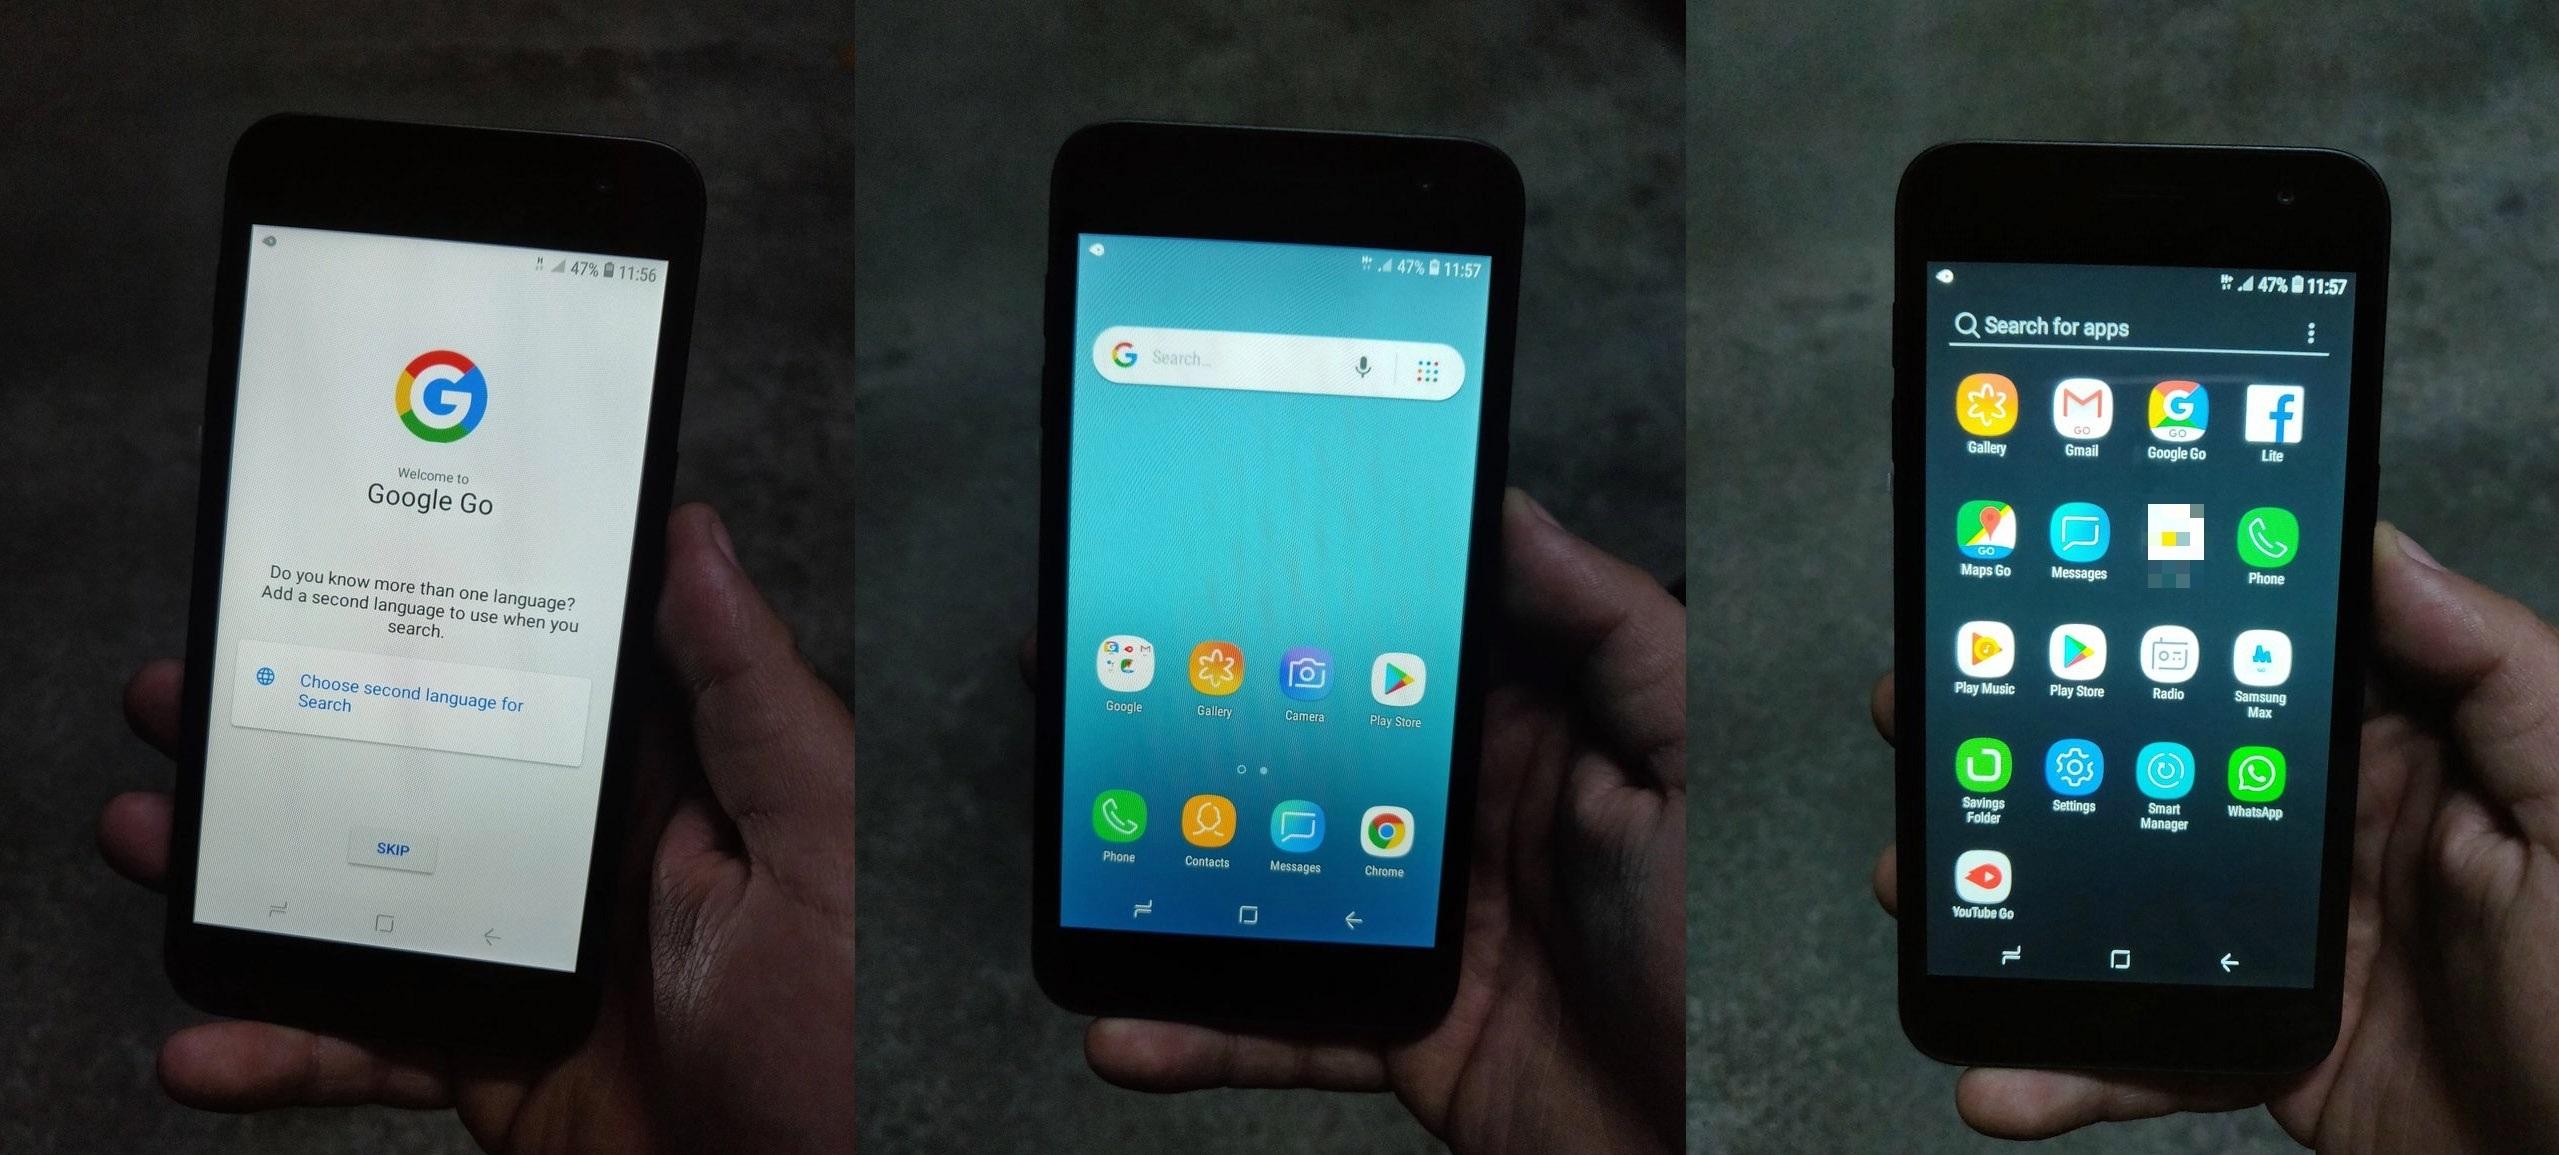 جوال Samsung Galaxy J2 Core يظهر في أول صور واقعية